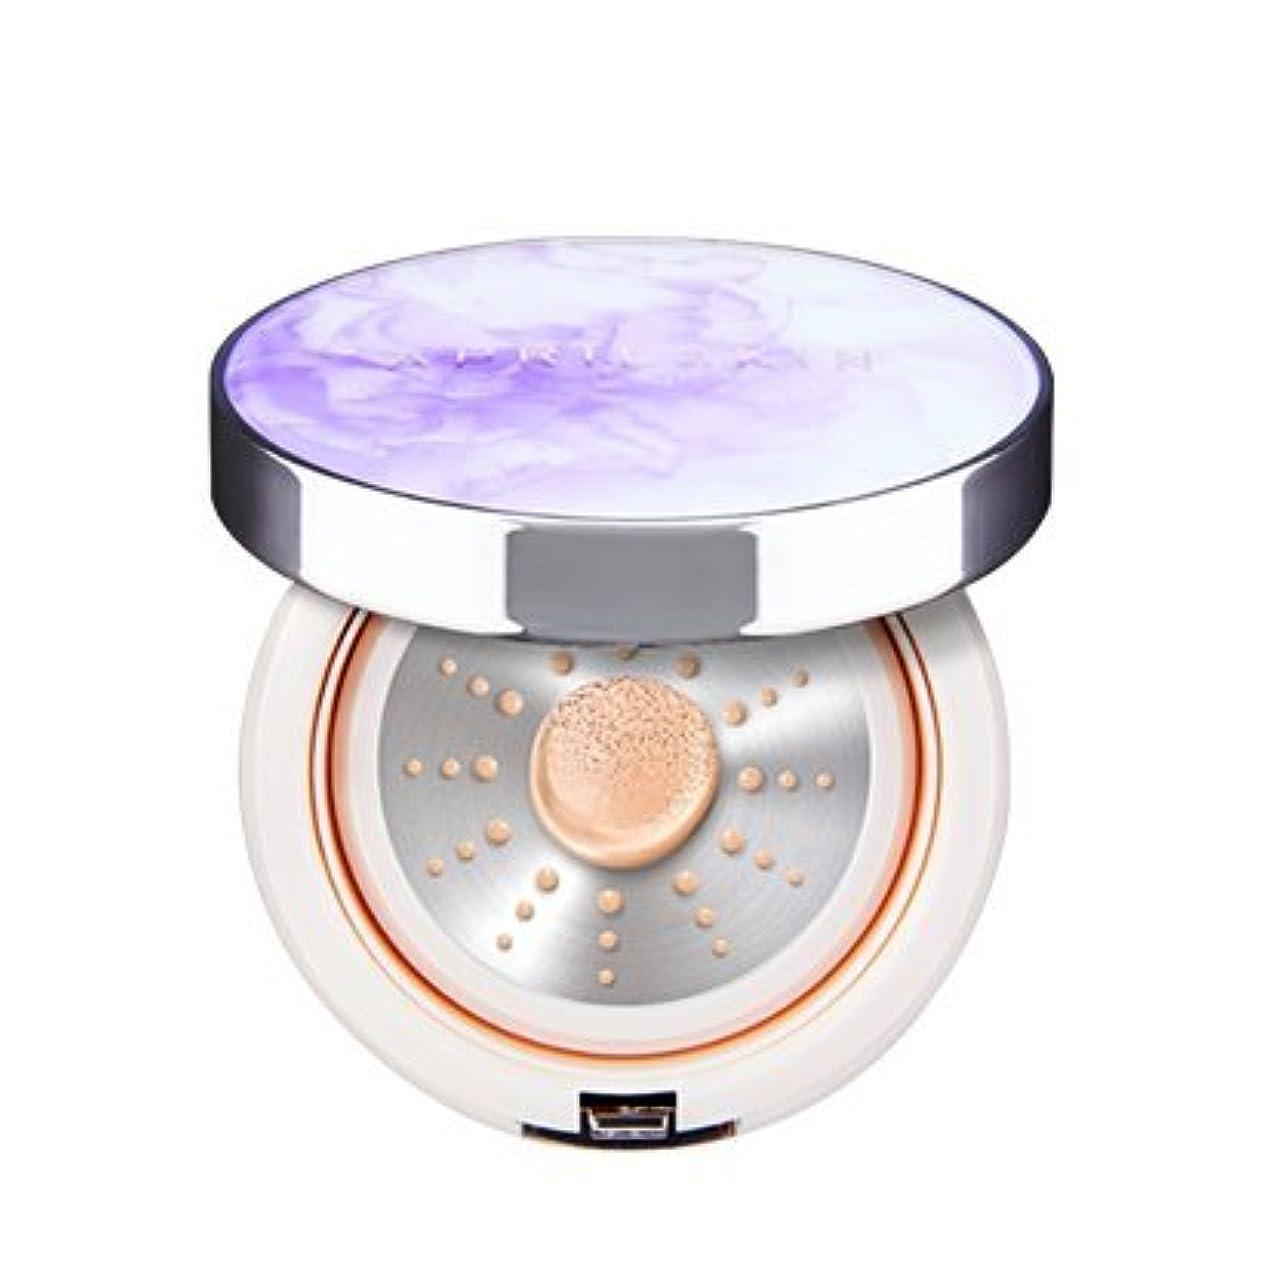 送る圧倒するこれまで[APRILSKIN] エイプリルスキン マジック エッセンス シャワー クッション 13g SPF 50+ PA++++ / APRILSKIN MAGIC ESSENCE SHOWER CUSHION [並行輸入品]...